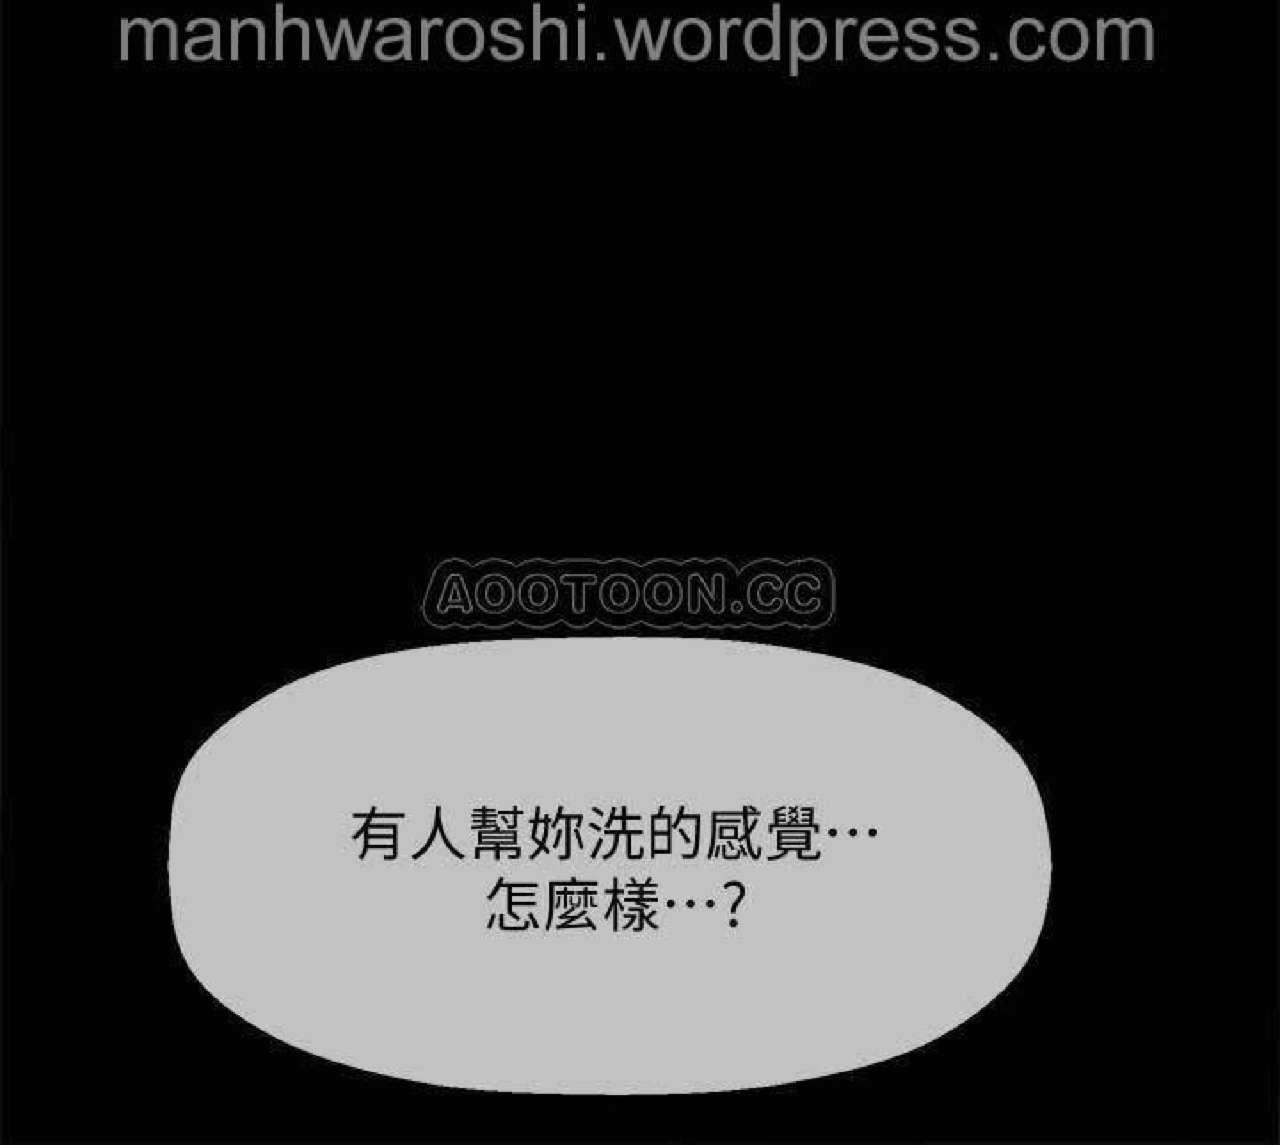 坏老师   PHYSICAL CLASSROOM 18 [Chinese] Manhwa 28